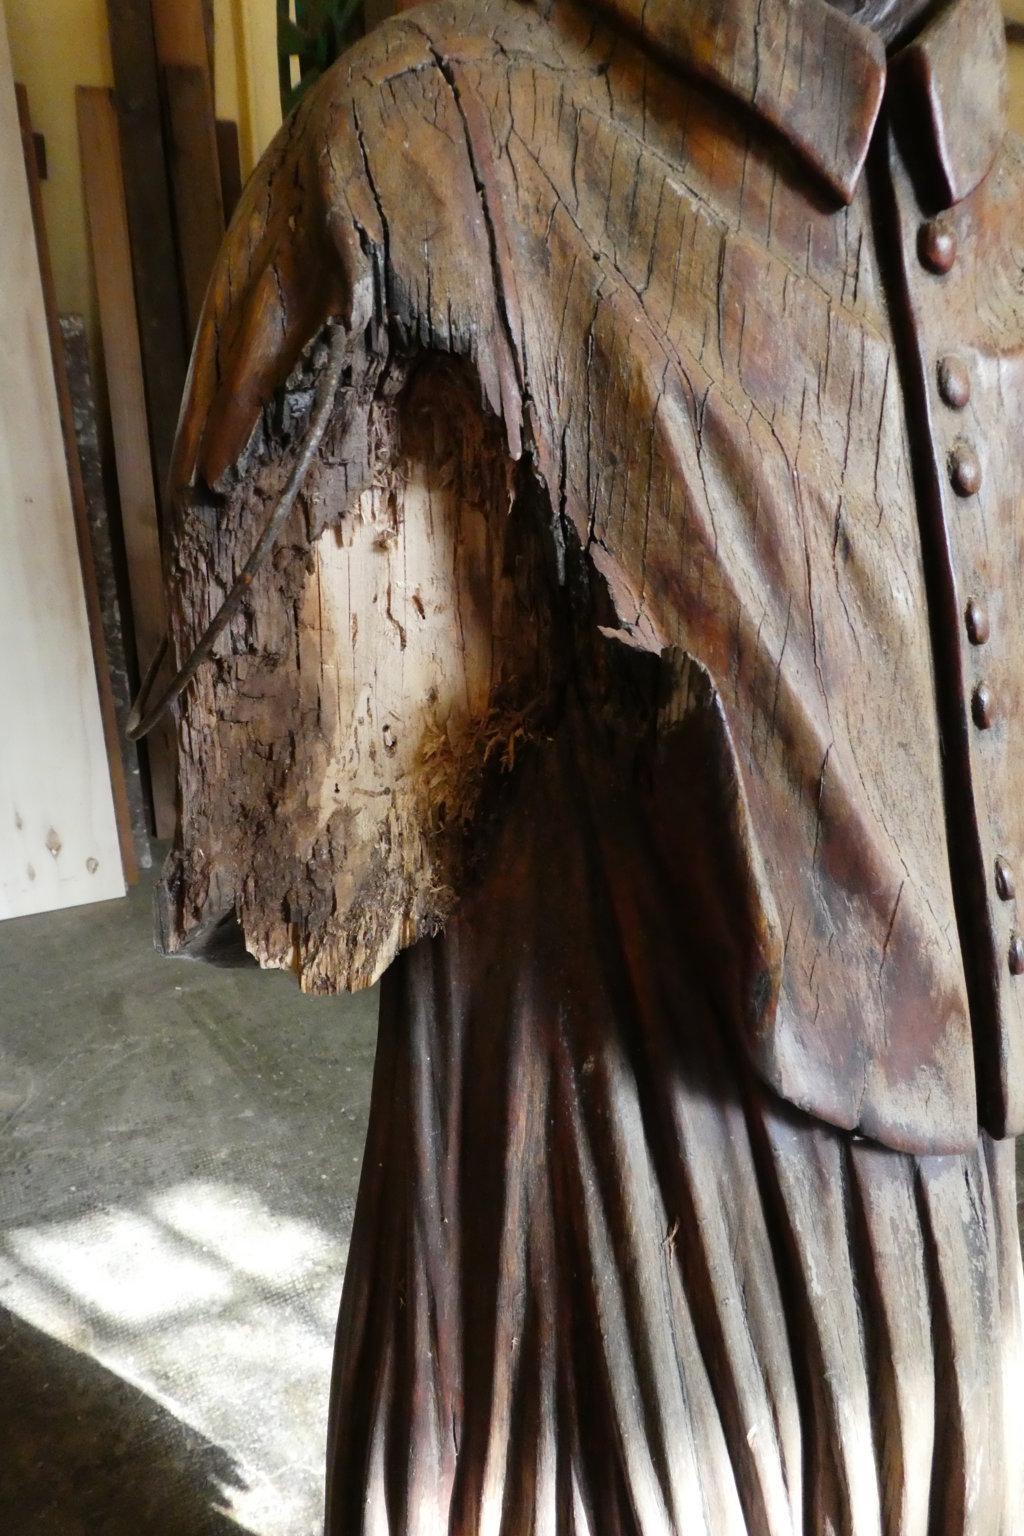 Braccio statua mancante